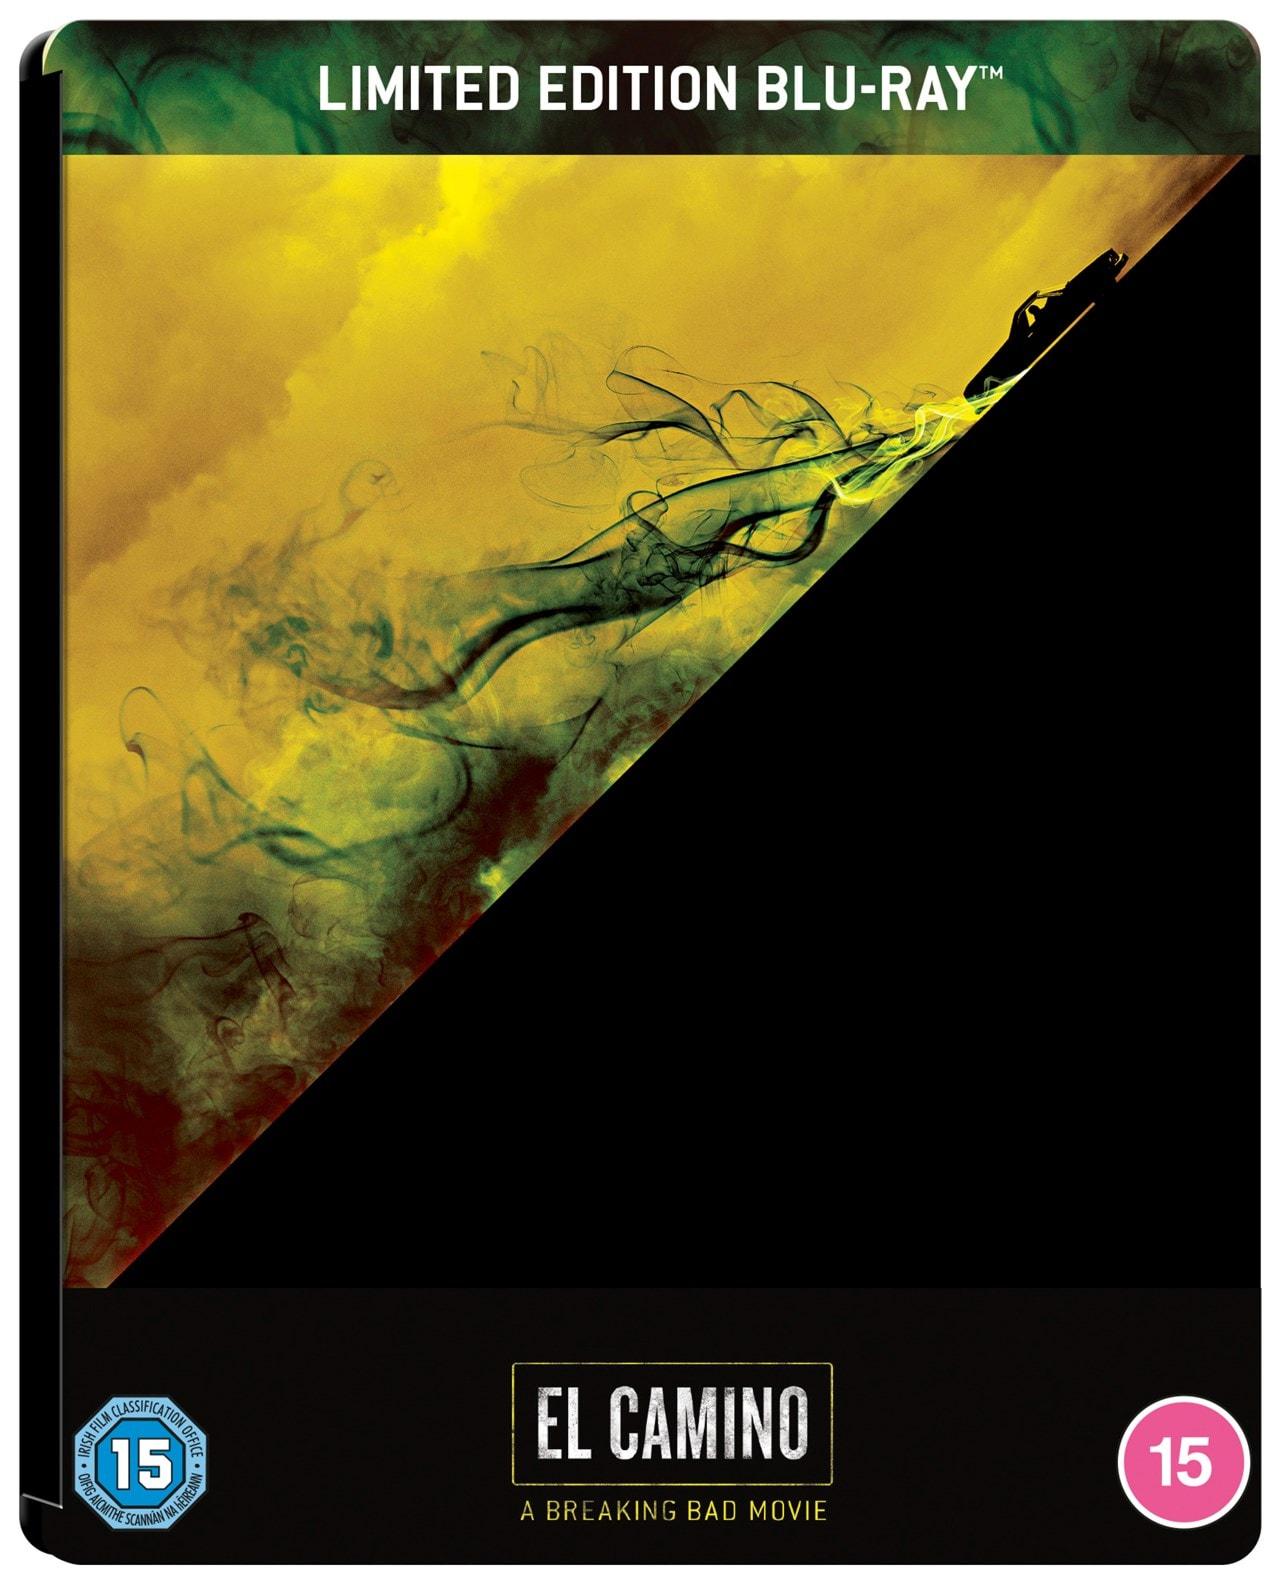 El Camino - A Breaking Bad Movie - 2